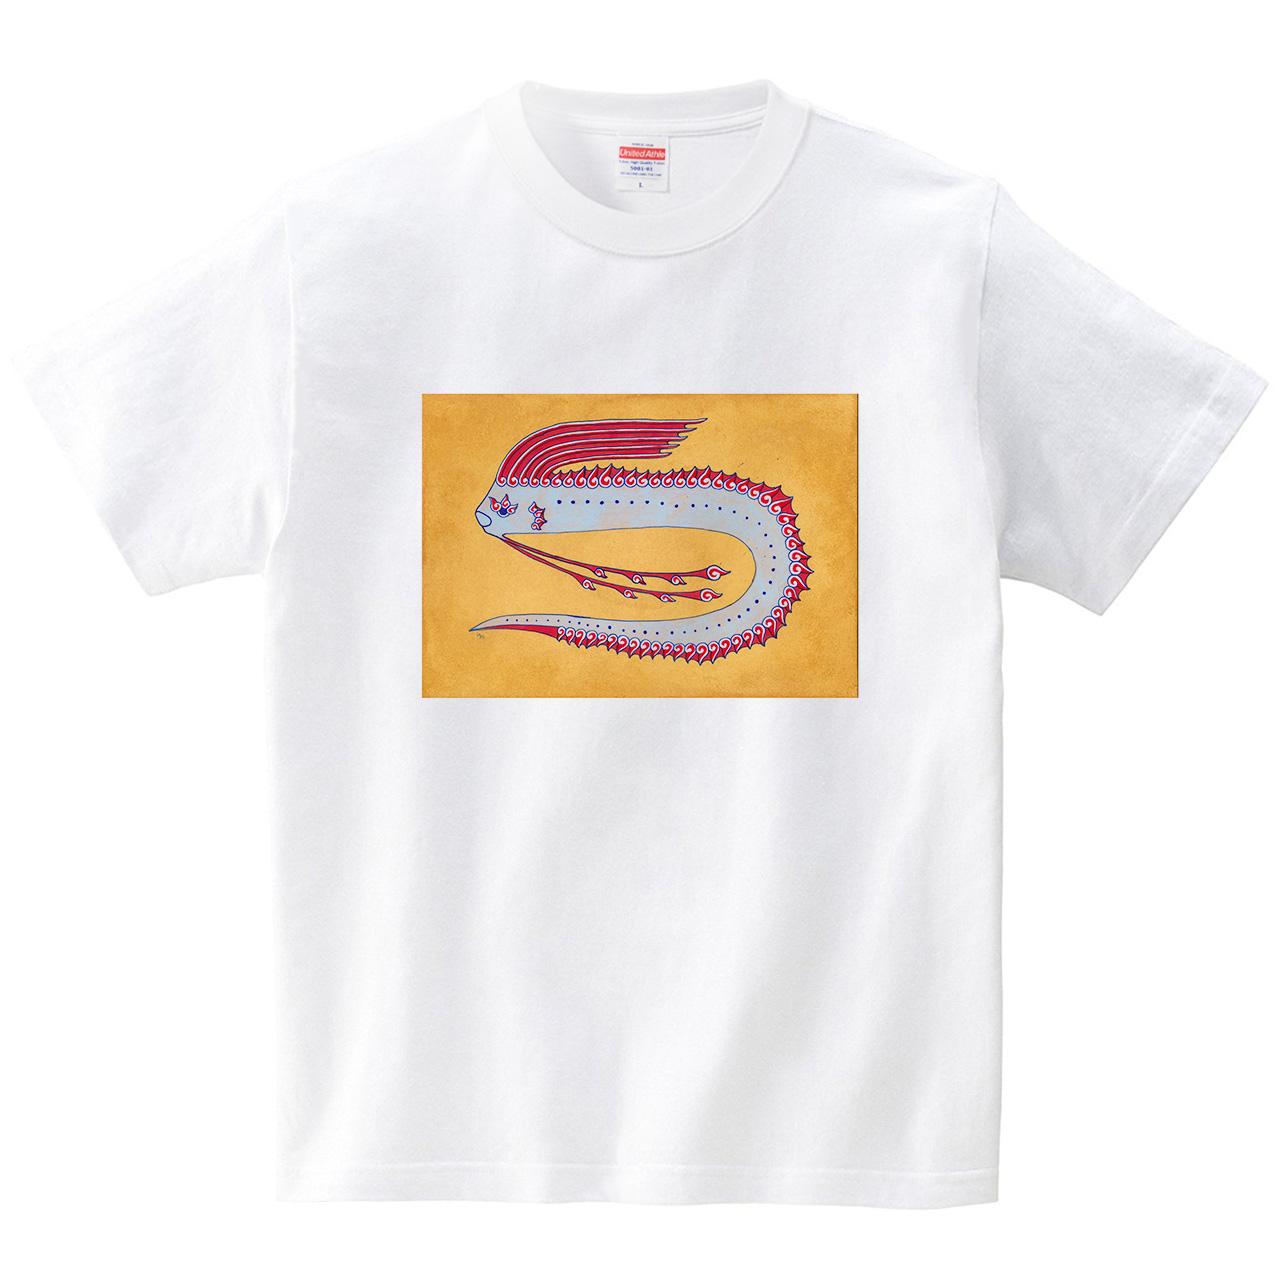 深海生物 リュウグウノツカイ。(Tシャツ・ホワイト)(蟲人)